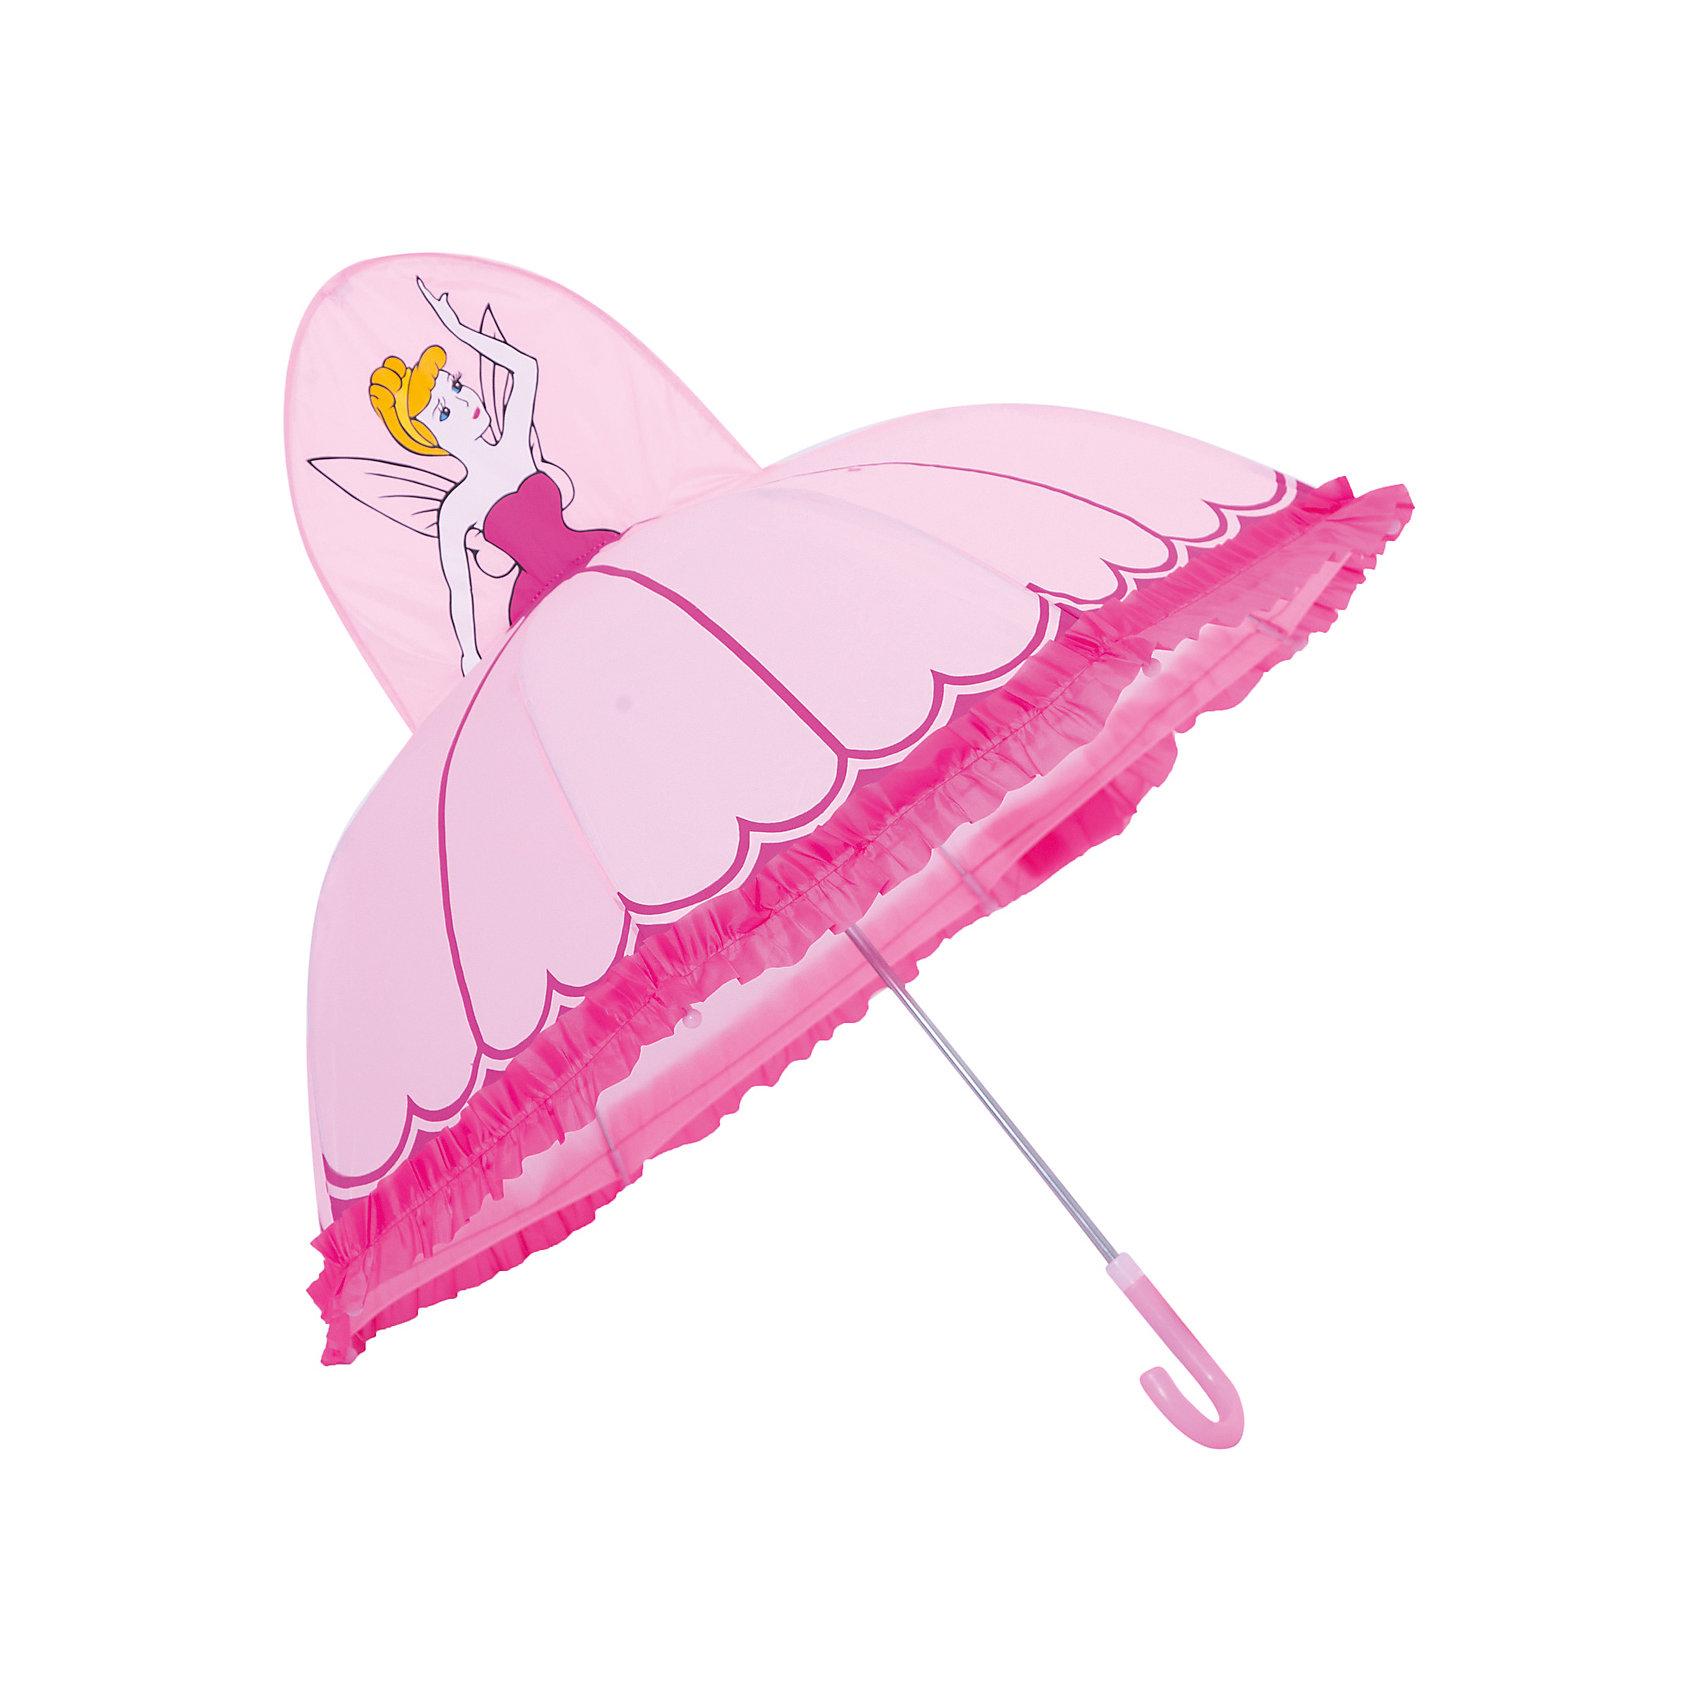 Зонт детский Фея, 46см.Зонты детские<br>Детский зонтик-тросточка Фея защитит ребенка от непогоды. Зонтик не боится дождя и ветра благодаря прочному креплению купола к каркасу. Технические характеристики: Механическая система складывания; Концы спиц закрыты пластиковыми шариками; Пластиковый фиксатор на стержне зонтика; Радиус купола - 46 см.<br><br>Ширина мм: 600<br>Глубина мм: 200<br>Высота мм: 700<br>Вес г: 250<br>Возраст от месяцев: 36<br>Возраст до месяцев: 2147483647<br>Пол: Женский<br>Возраст: Детский<br>SKU: 5508527